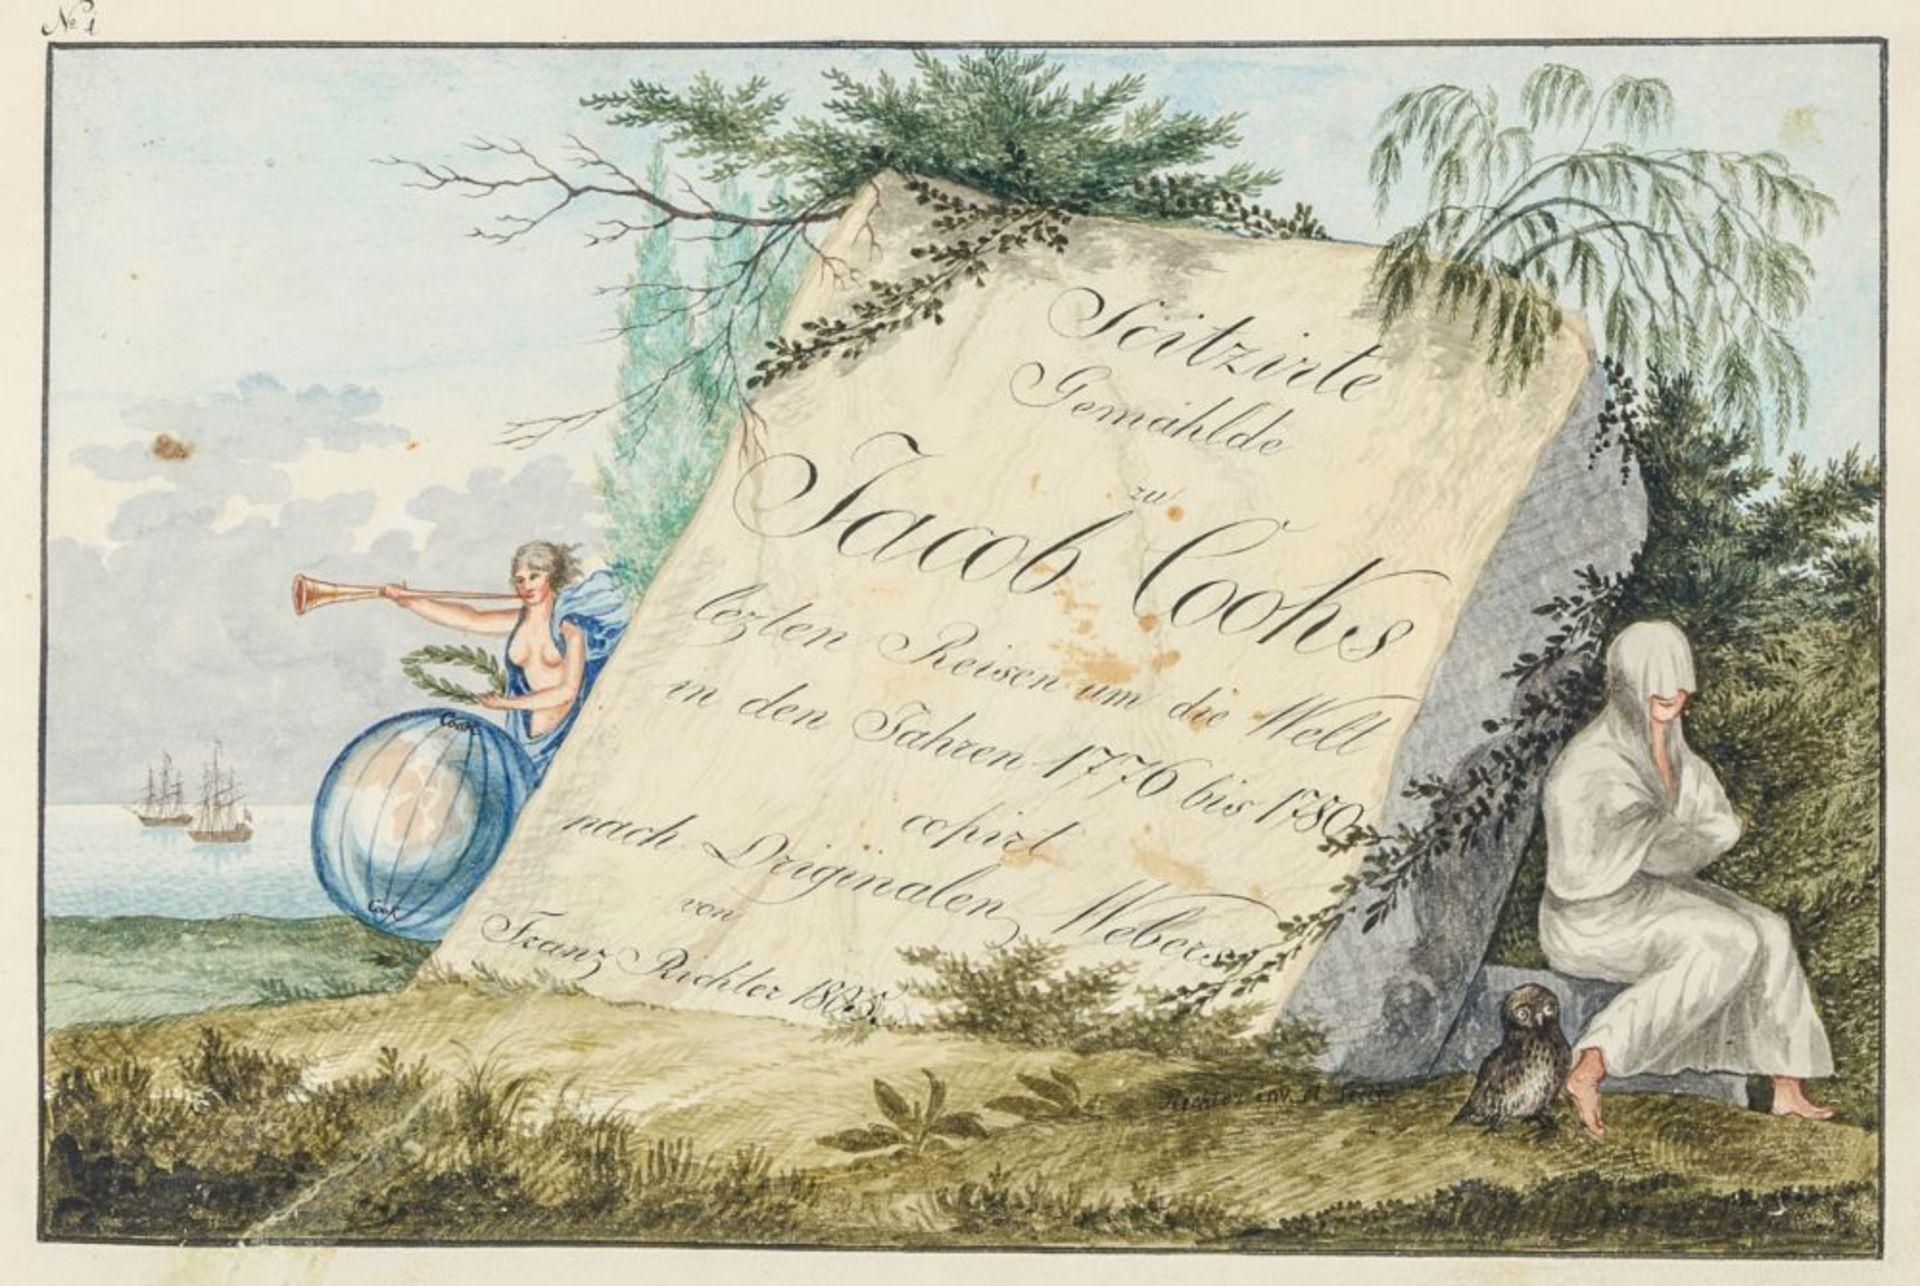 Australien und Ozeanien - - Richter, Franz nach John Webber. Scitzirte Gemählde zu Jacob Cooks - Image 2 of 10